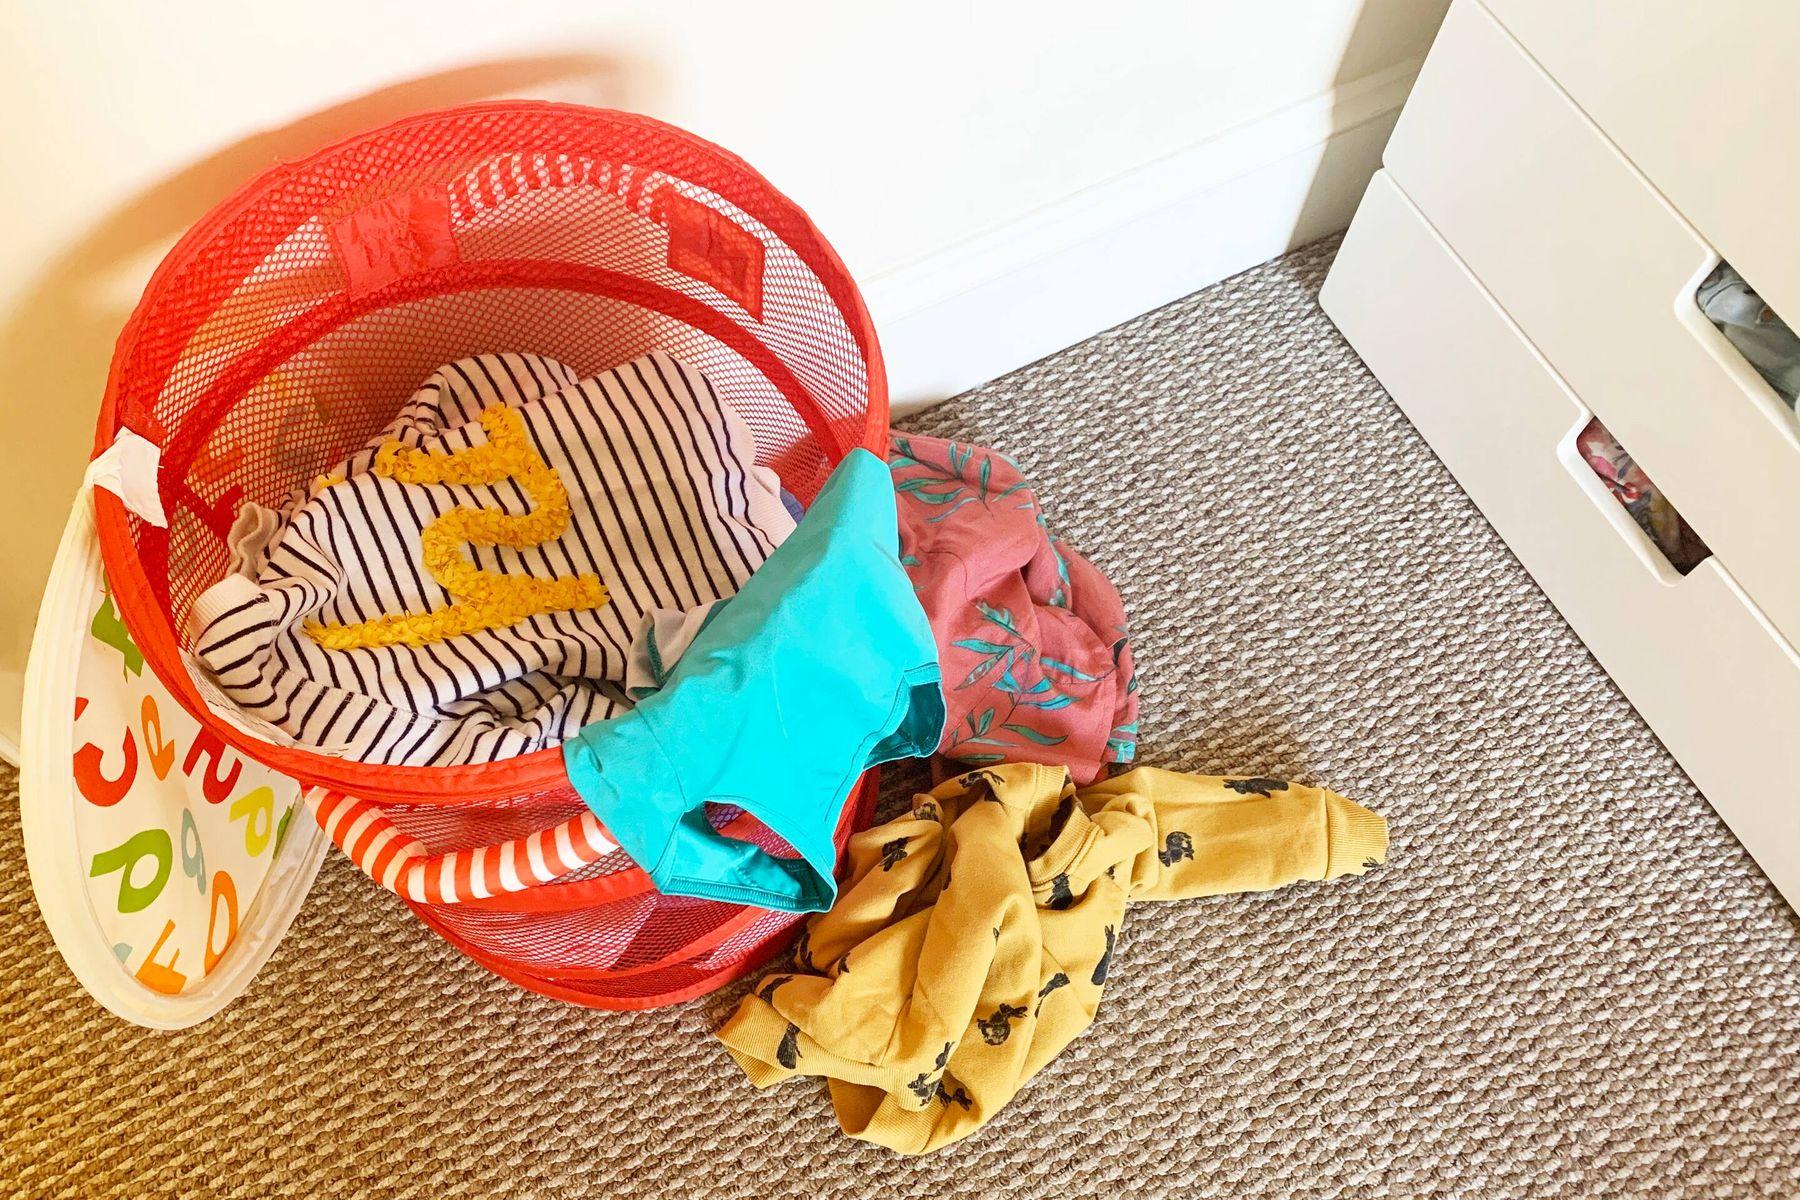 Kirli sepetindeki bebek kıyafetleri